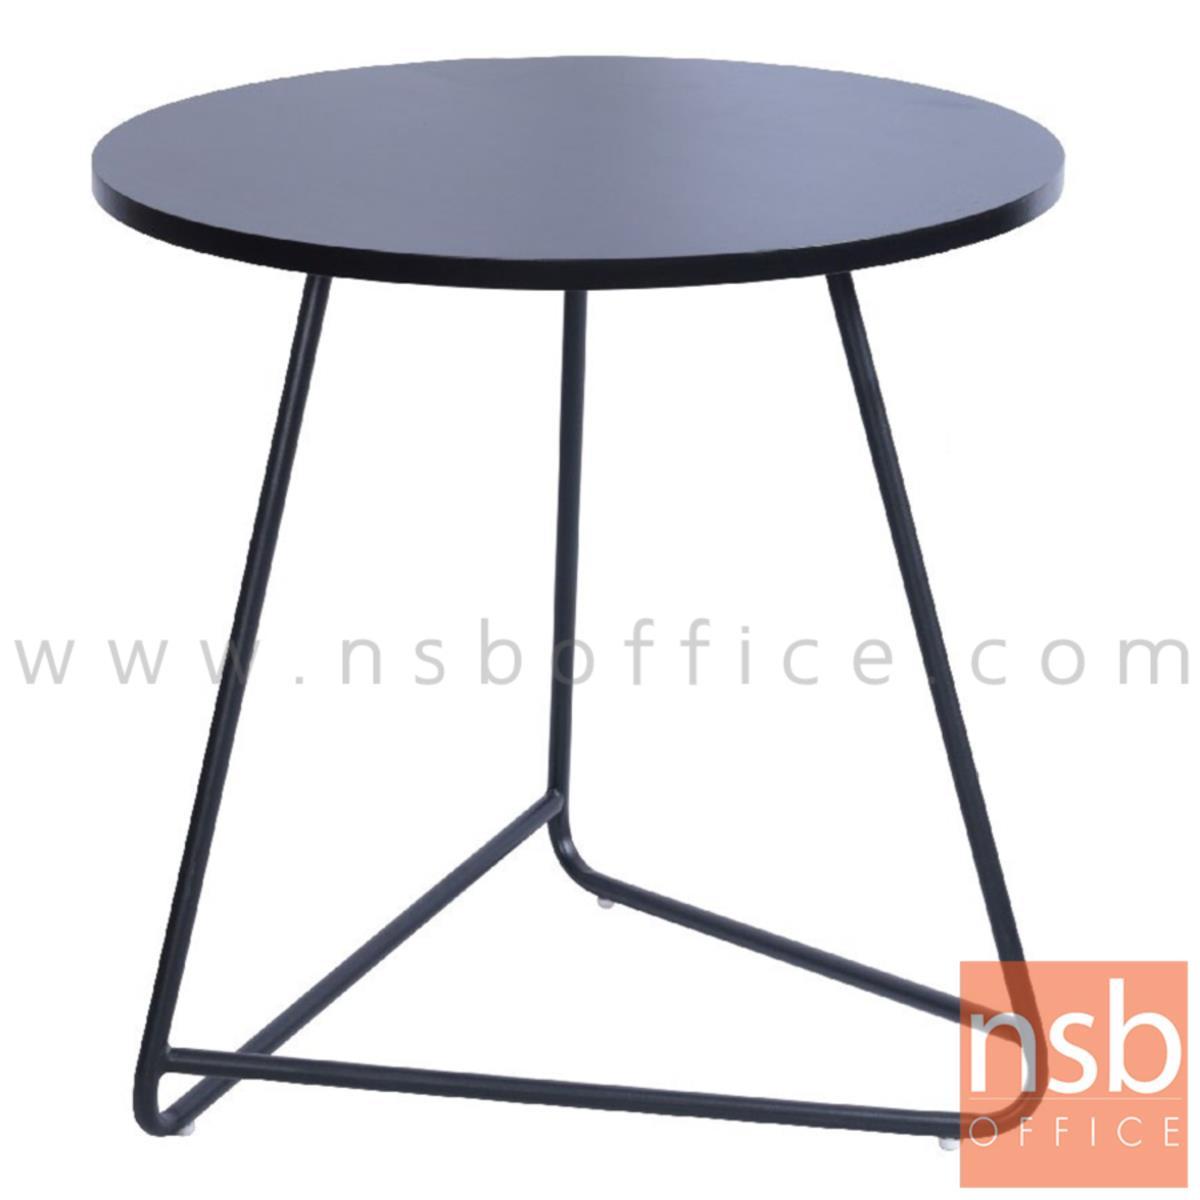 A14A256:โต๊ะบาร์ COFFEE รุ่น Fano (ฟาโน) ขนาด 60Di cm. หน้าท็อปไม้ ขาเหล็ก